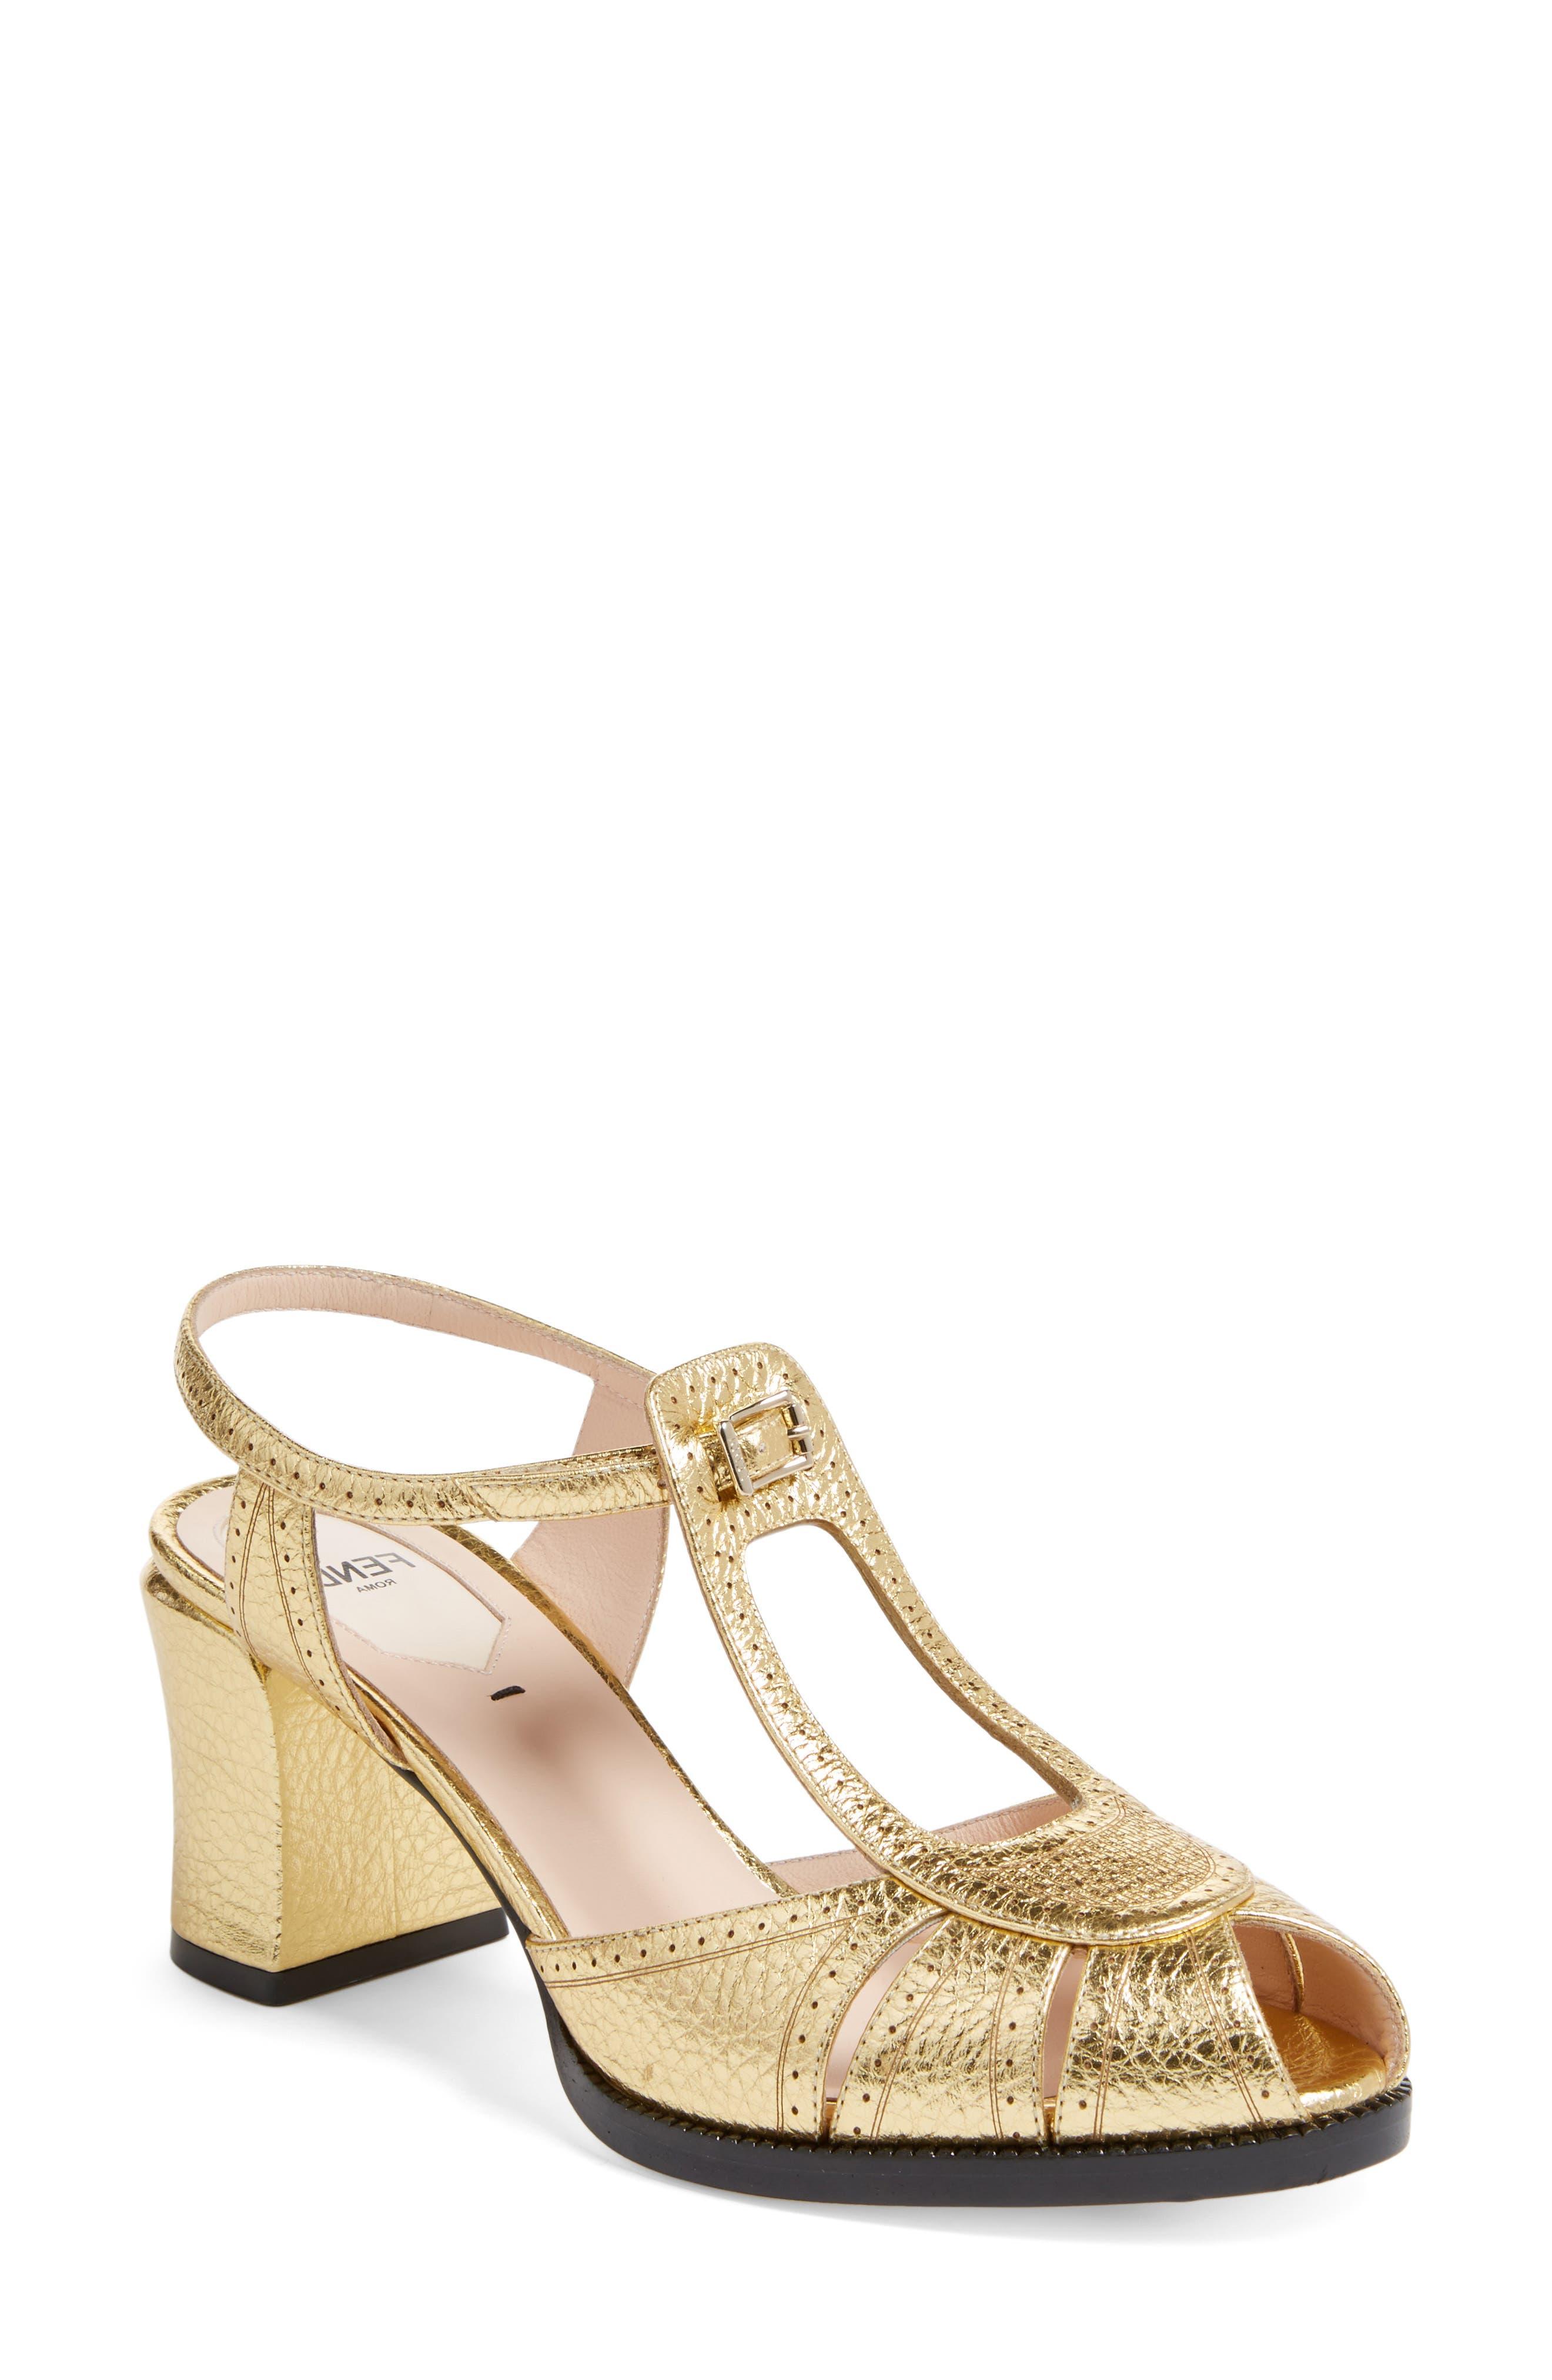 Main Image - Fendi Chameleon Leather Sandal (Women)